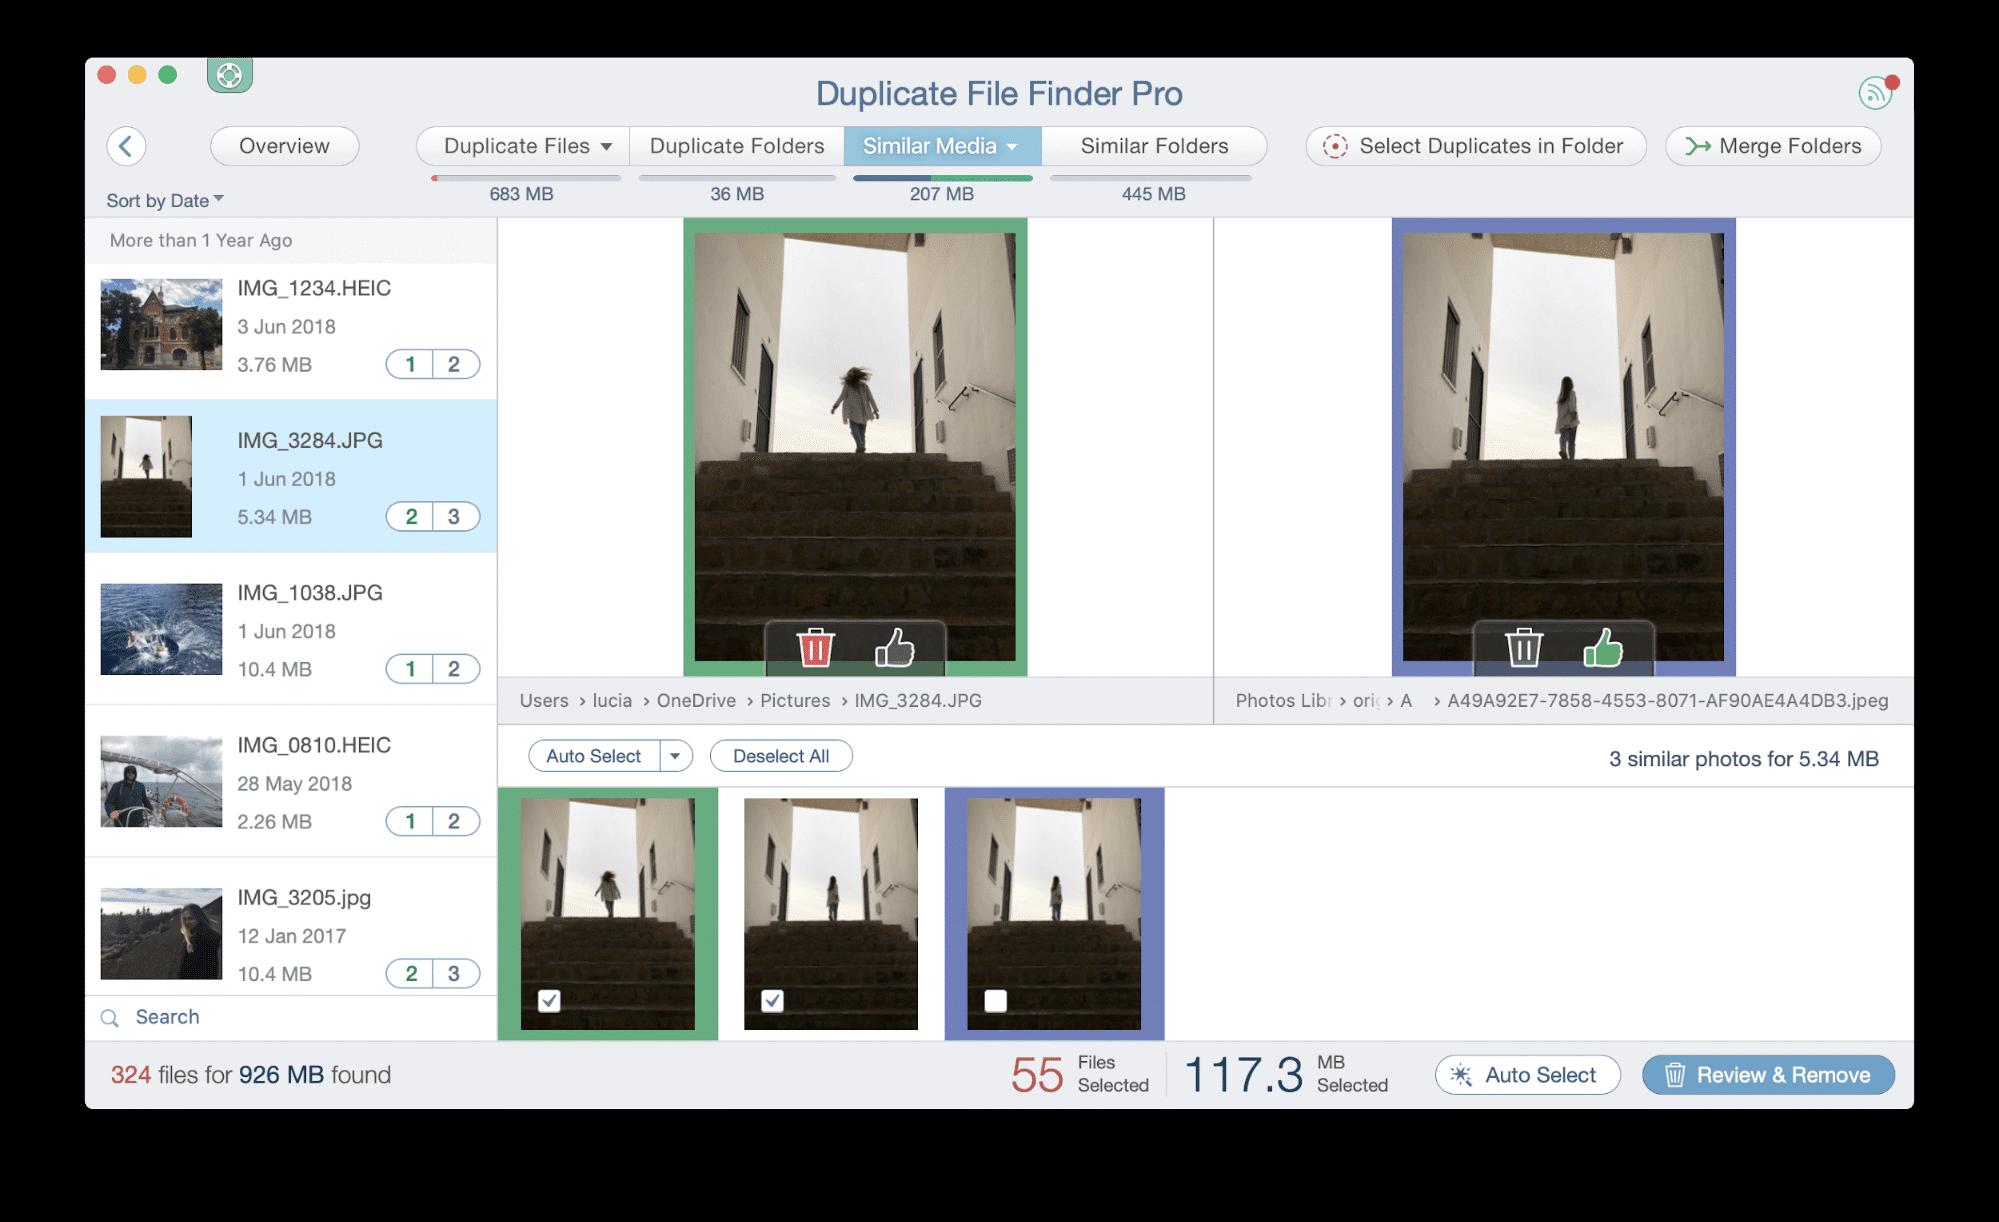 duplicate finder - similar photos tab